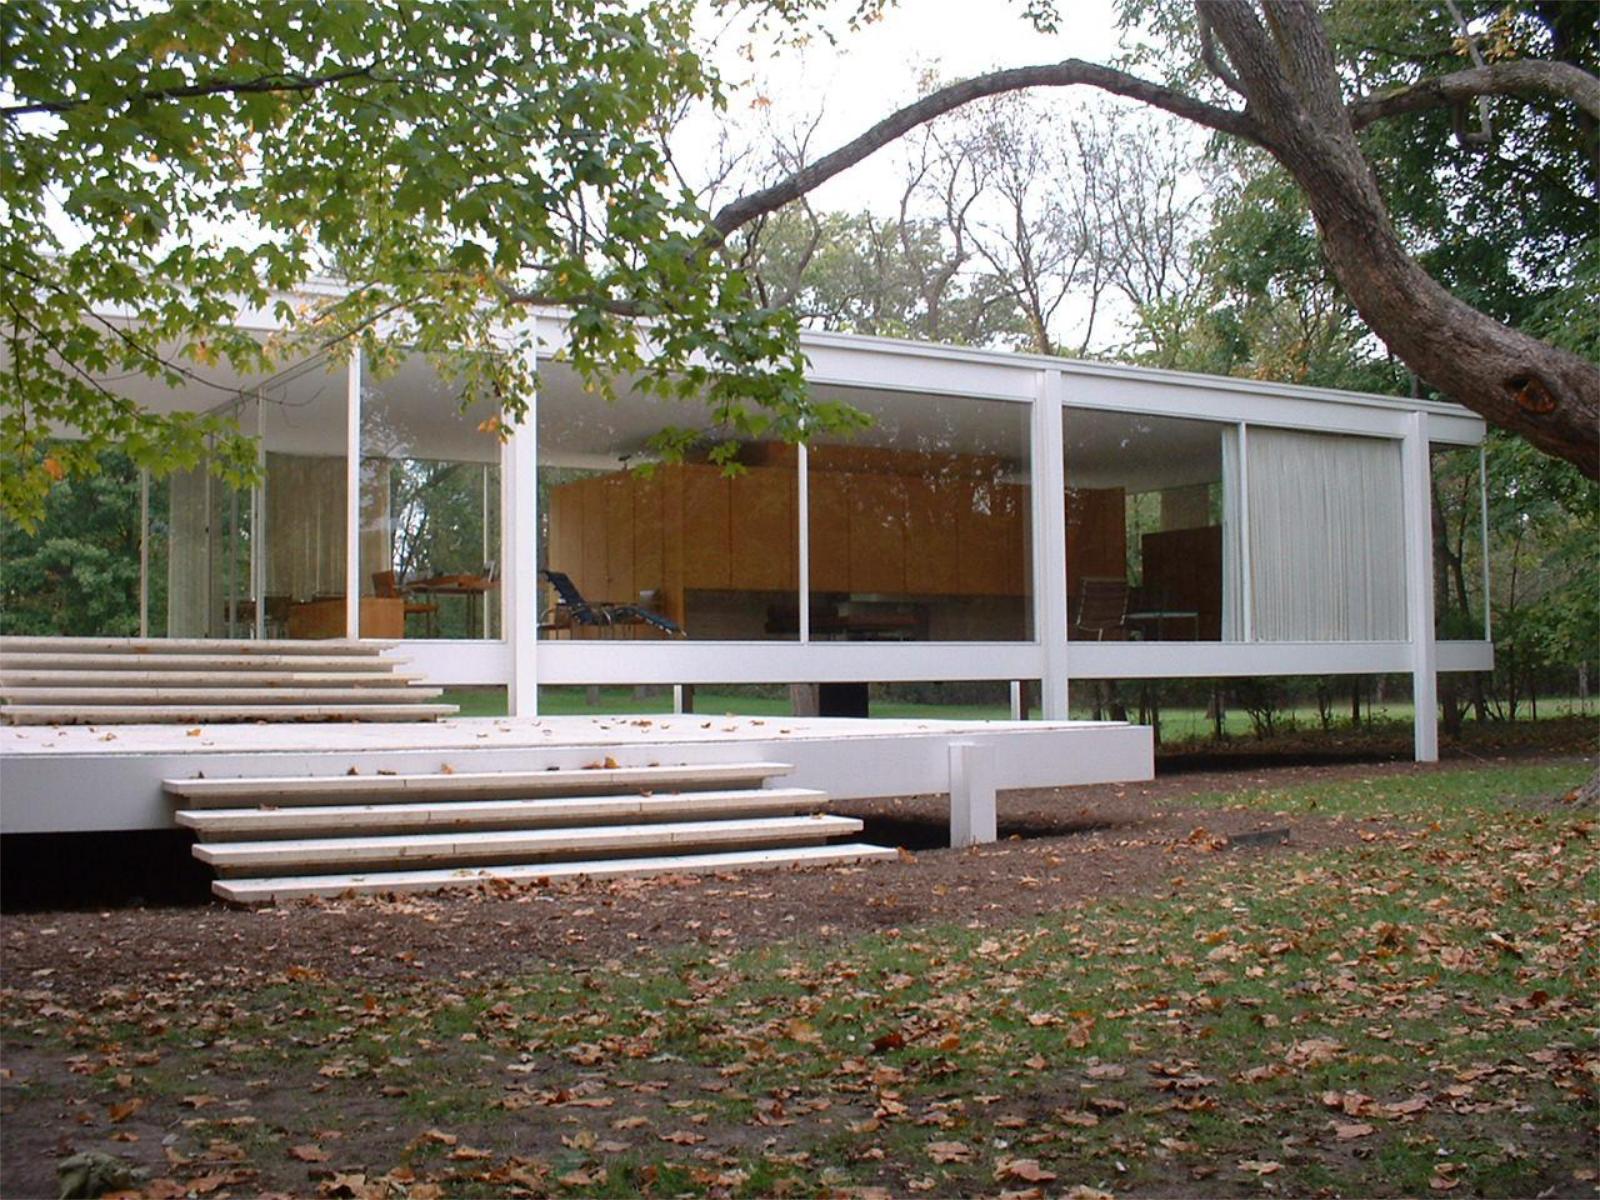 Floor Plans Open Concept Under The Sky Ludwig Mies Van Der Rohe Casa Farnsworth